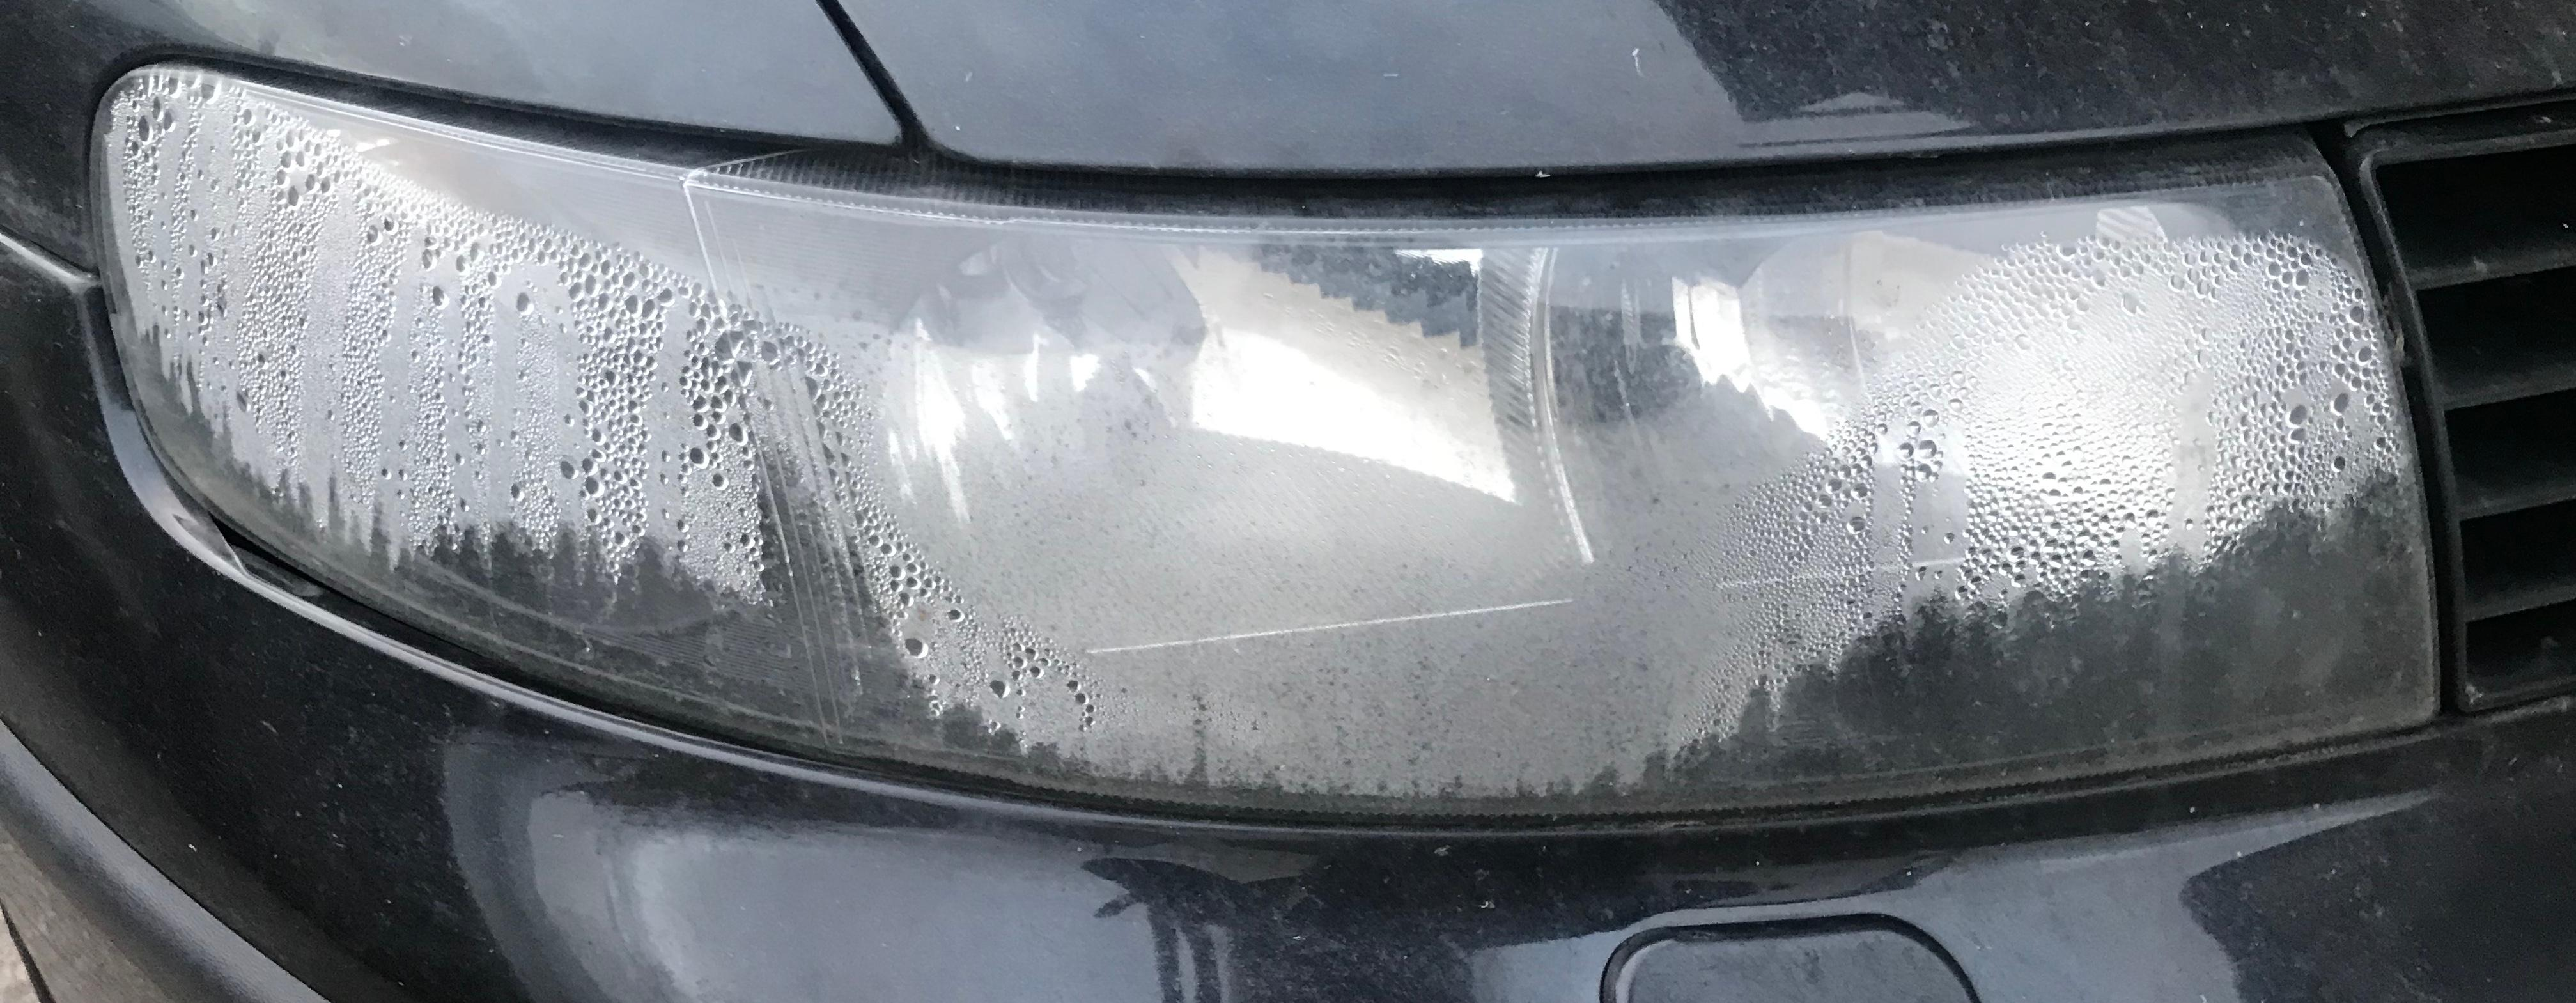 Feuchtigkeit Aus Auto Bekommen